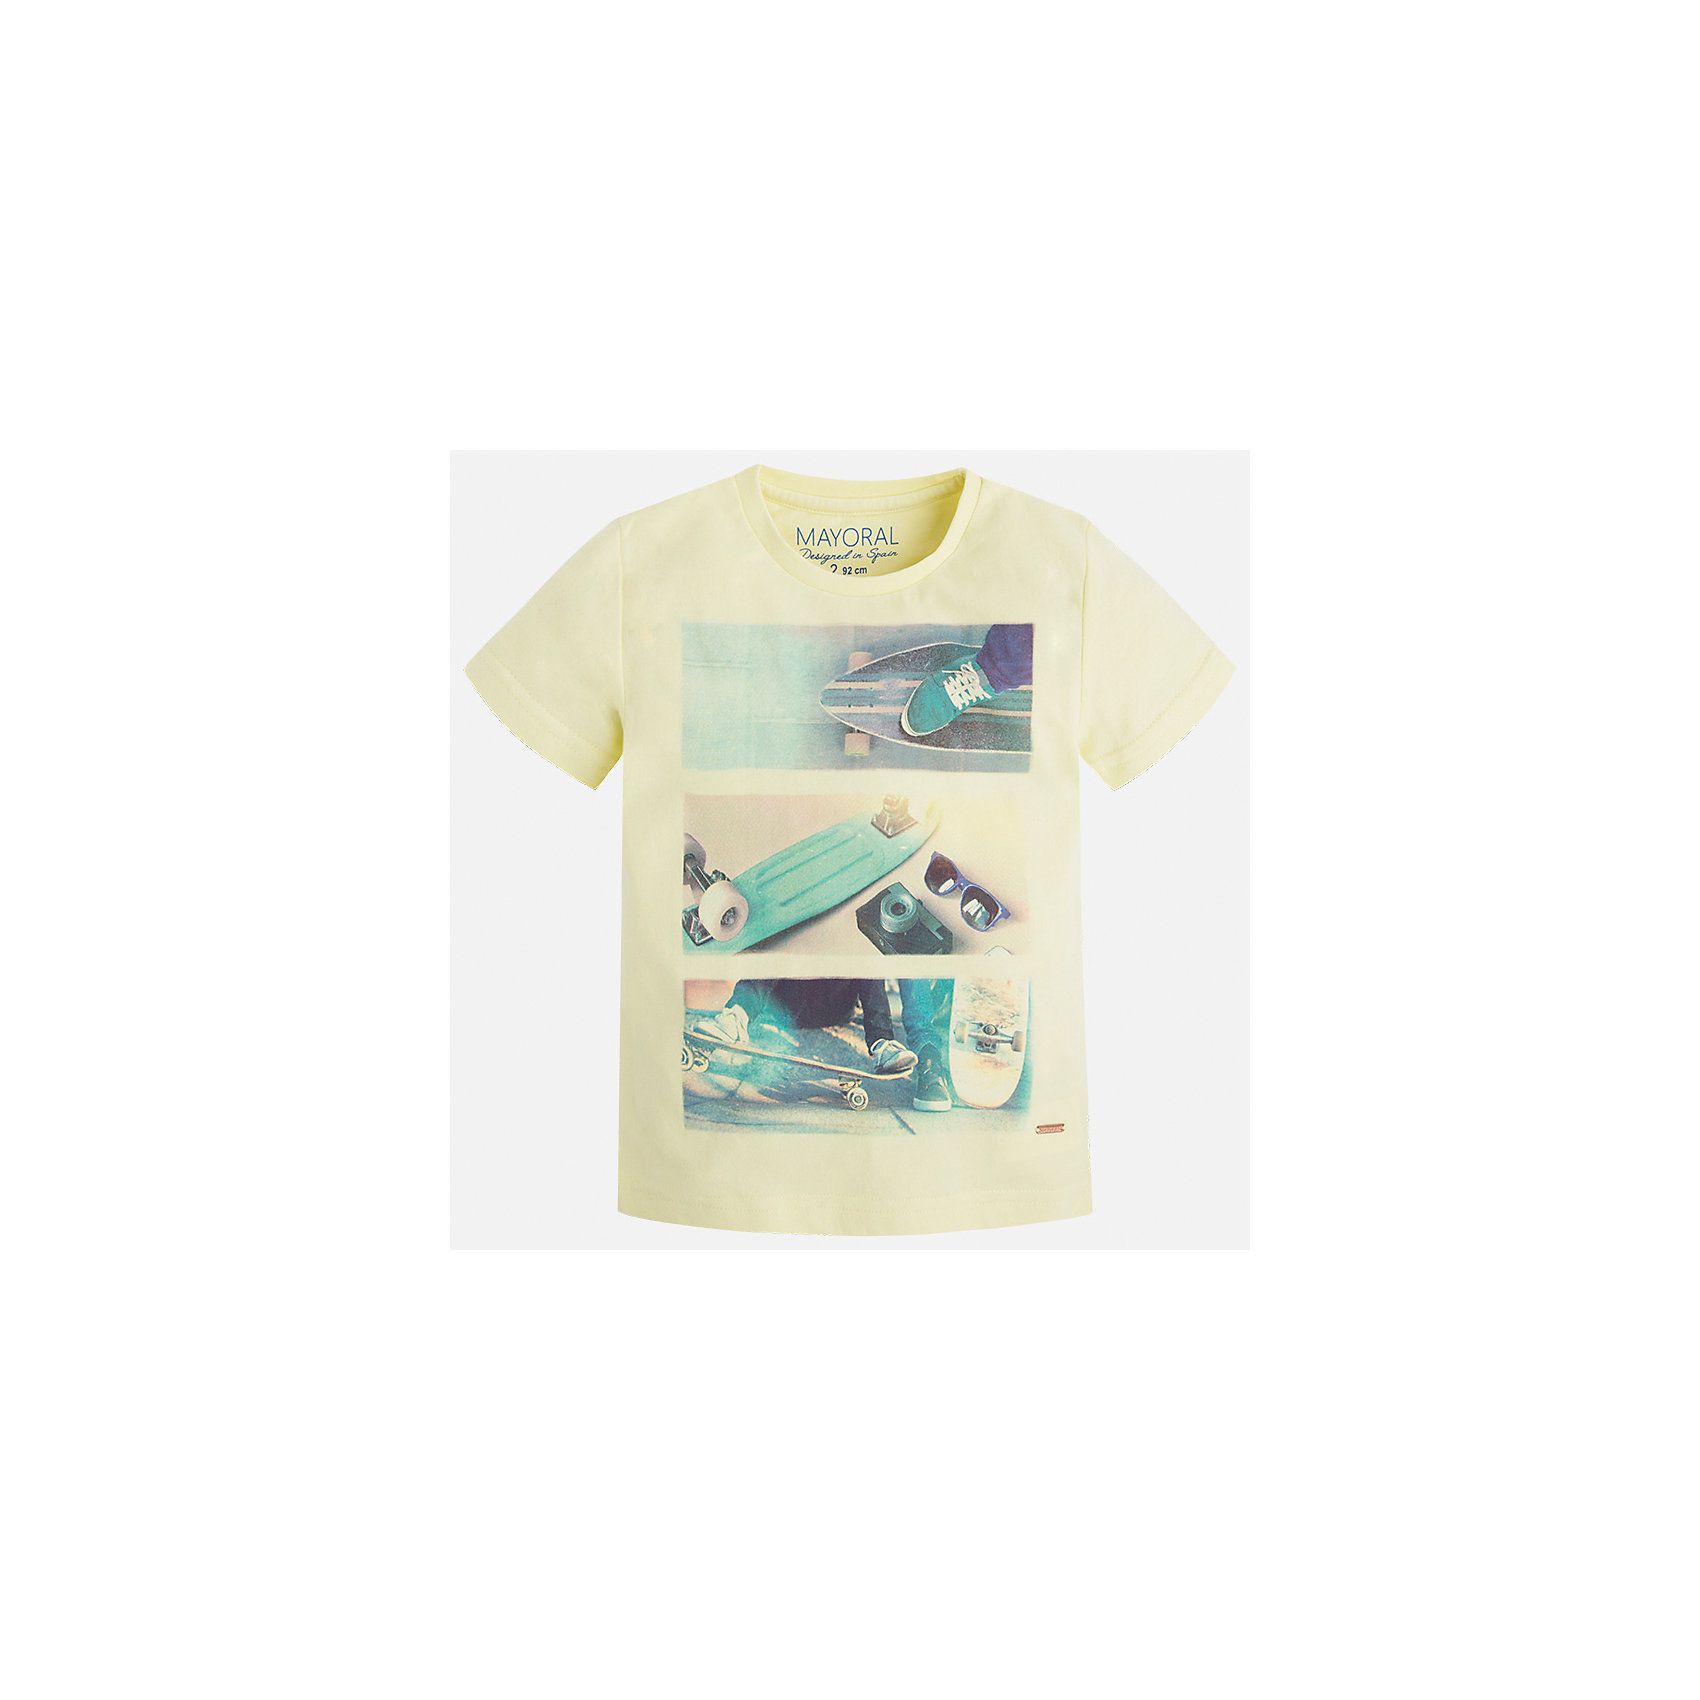 Футболка для мальчика MayoralХарактеристики товара:<br><br>• цвет: желтый<br>• состав: 100% хлопок<br>• круглый горловой вырез<br>• декорирована принтом<br>• короткие рукава<br>• отделка горловины<br>• страна бренда: Испания<br><br>Стильная удобная футболка с принтом поможет разнообразить гардероб мальчика. Она отлично сочетается с брюками, шортами, джинсами. Универсальный крой и цвет позволяет подобрать к вещи низ разных расцветок. Практичное и стильное изделие! Хорошо смотрится и комфортно сидит на детях. В составе материала - только натуральный хлопок, гипоаллергенный, приятный на ощупь, дышащий. <br><br>Одежда, обувь и аксессуары от испанского бренда Mayoral полюбились детям и взрослым по всему миру. Модели этой марки - стильные и удобные. Для их производства используются только безопасные, качественные материалы и фурнитура. Порадуйте ребенка модными и красивыми вещами от Mayoral! <br><br>Футболку для мальчика от испанского бренда Mayoral (Майорал) можно купить в нашем интернет-магазине.<br><br>Ширина мм: 199<br>Глубина мм: 10<br>Высота мм: 161<br>Вес г: 151<br>Цвет: оранжевый<br>Возраст от месяцев: 84<br>Возраст до месяцев: 96<br>Пол: Мужской<br>Возраст: Детский<br>Размер: 128,110,134,122,116<br>SKU: 5280059